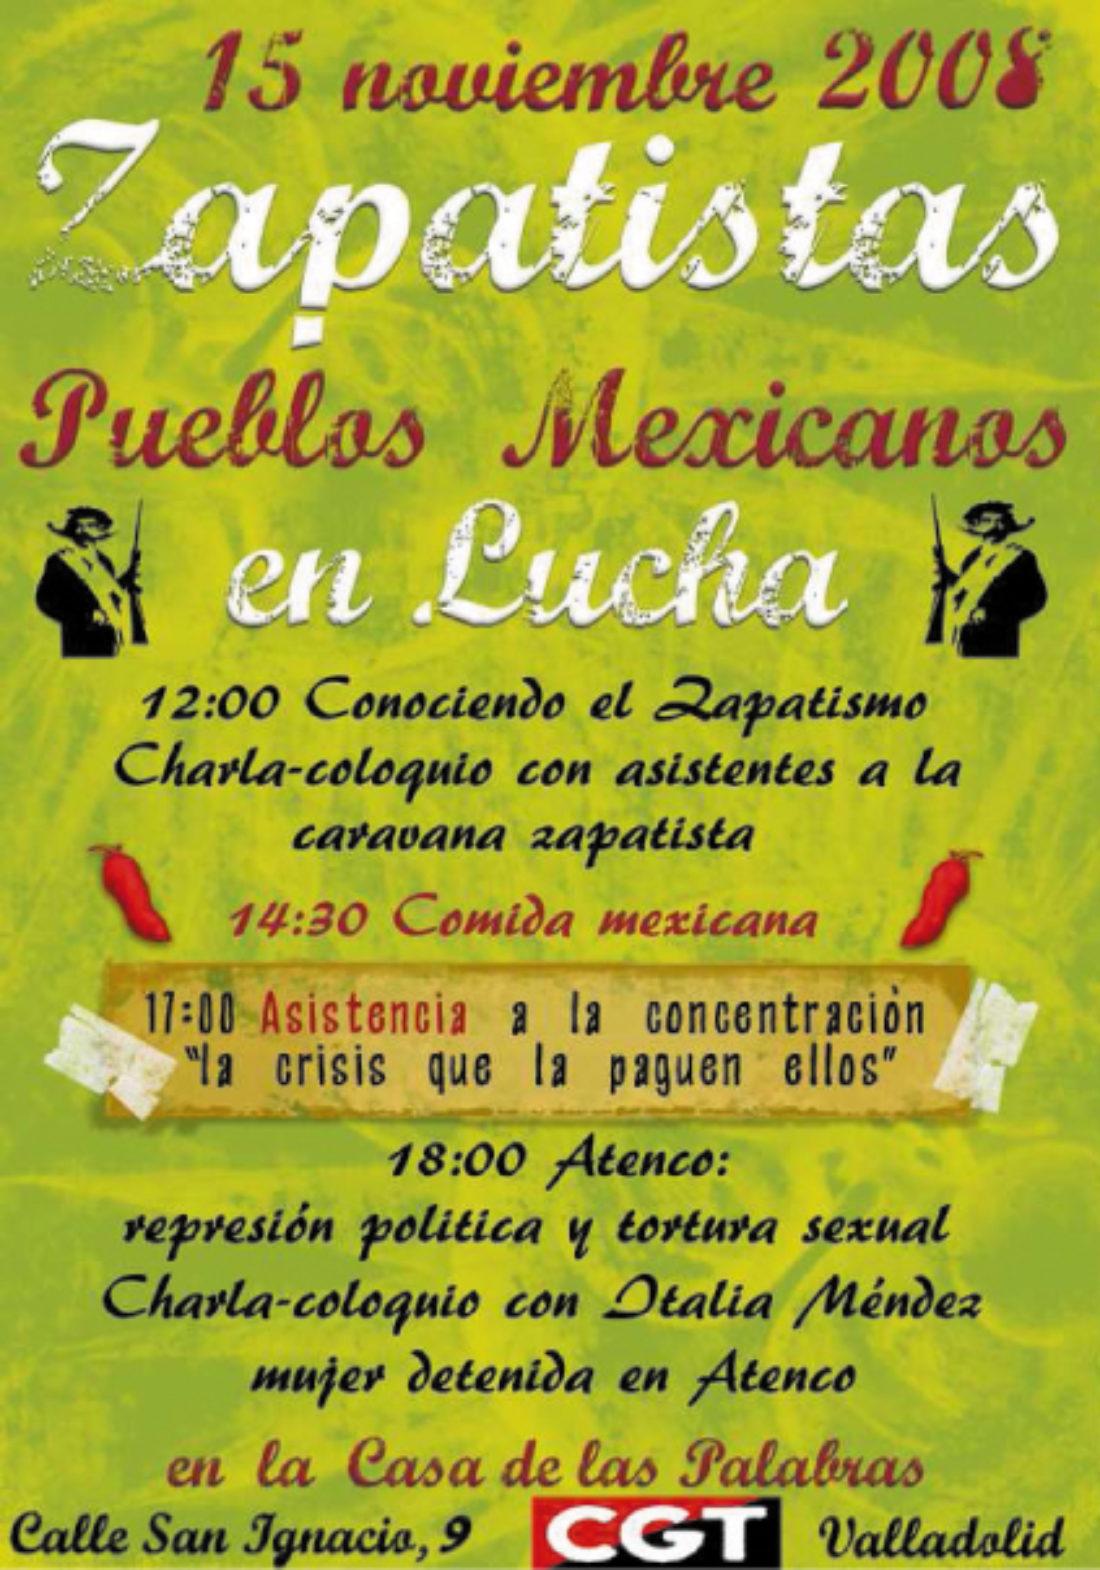 [Valladolid] Zapatistas: Pueblos Mexicanos en Lucha. Sábado 15 de noviembre de 2008 en LA CASA DE LAS PALABRAS